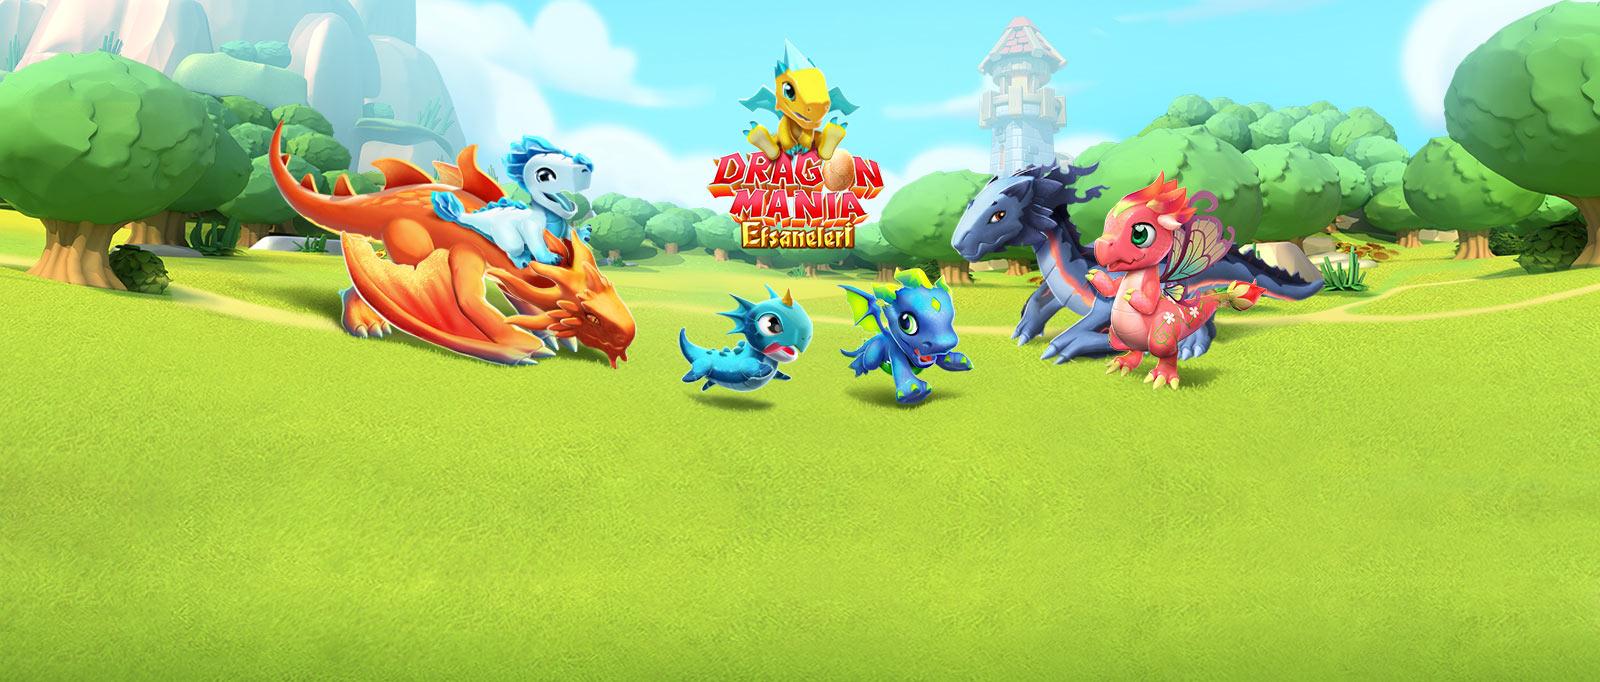 Dragon Mania Efsaneleri